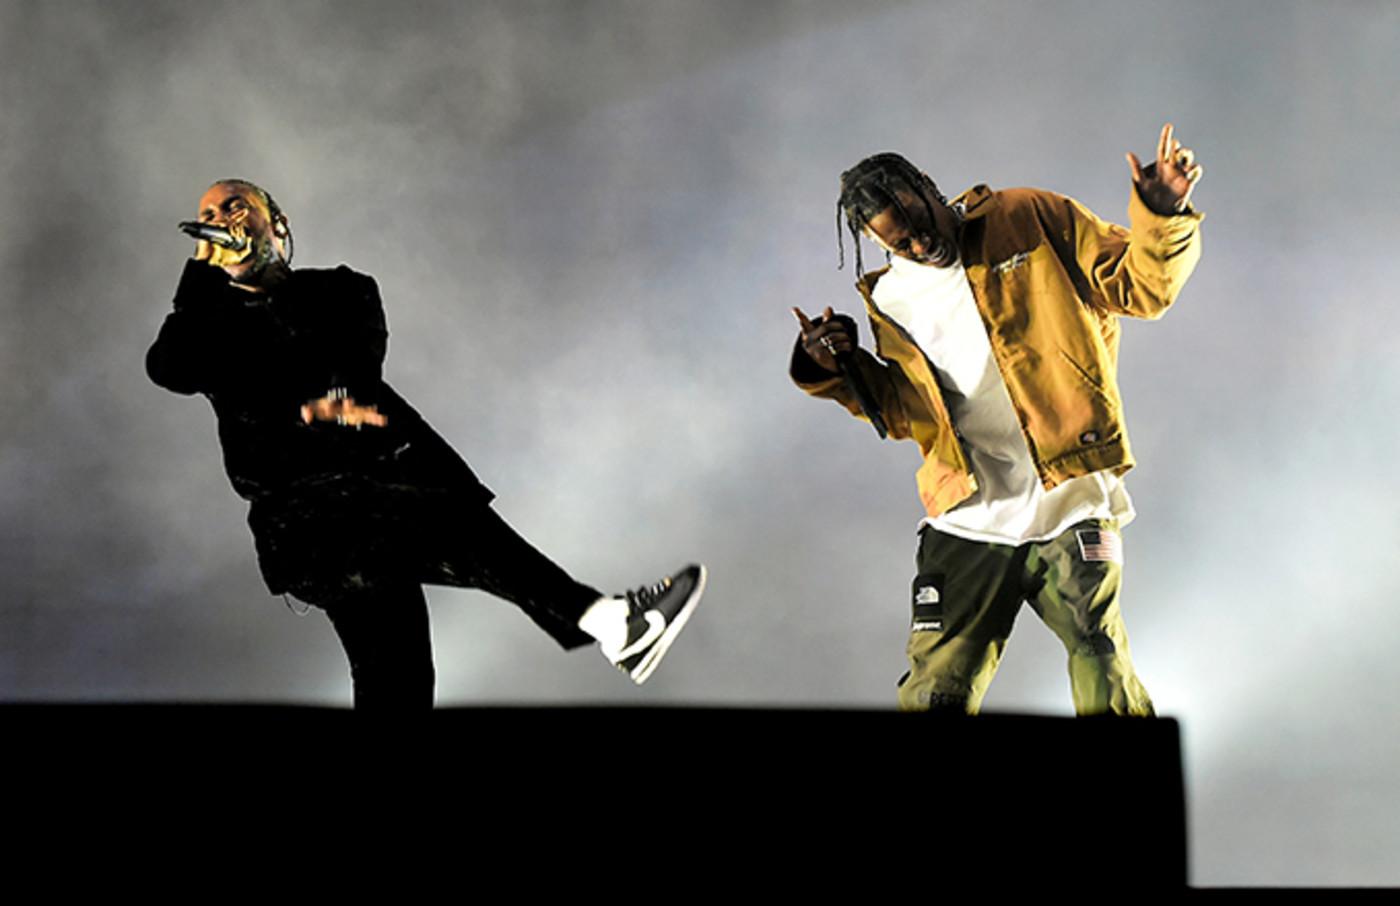 Travis Scott and Kendrick Lamar